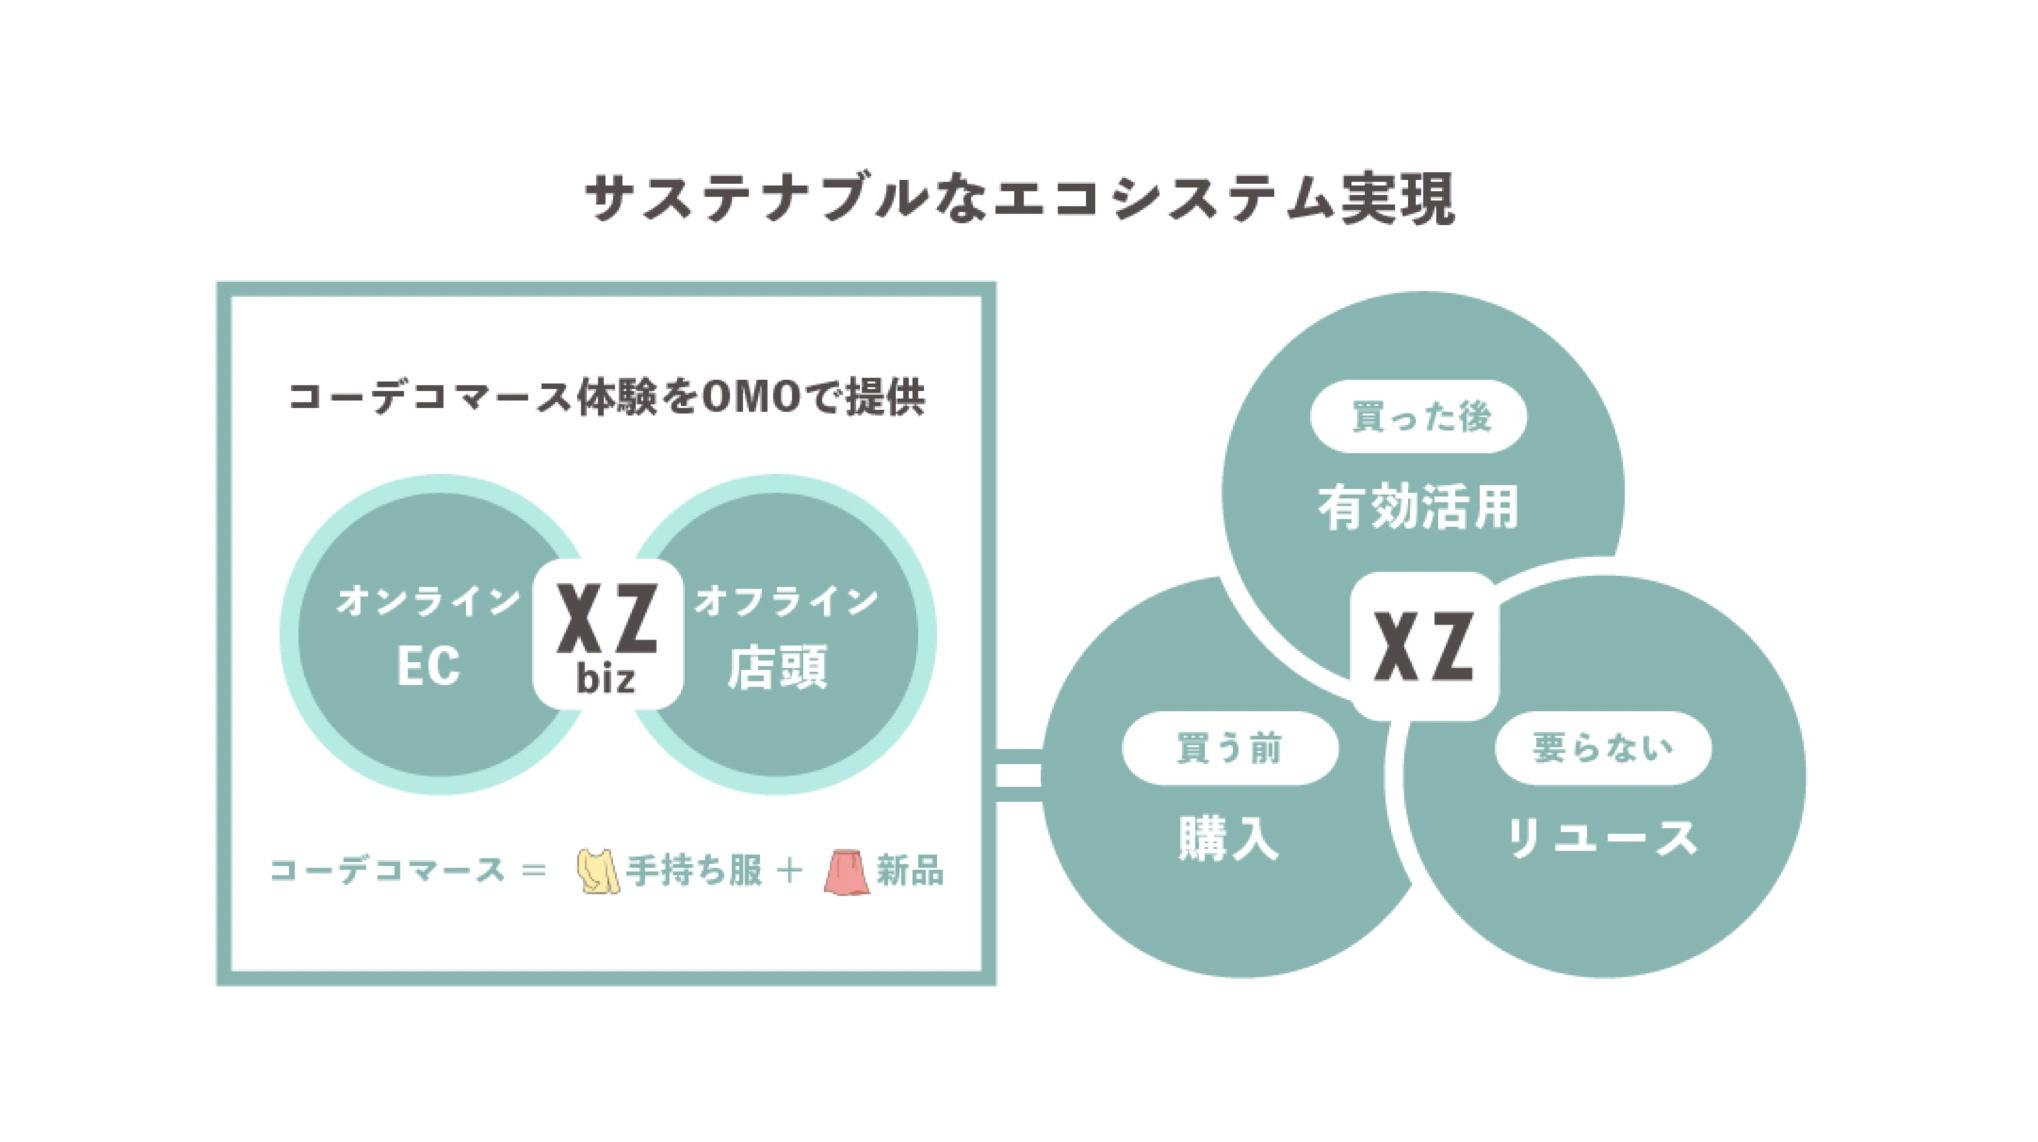 オンライン・クローゼットのSTANDING OVATION、増資およびWebメディアの事業譲渡により2億円規模の資金調達を実施